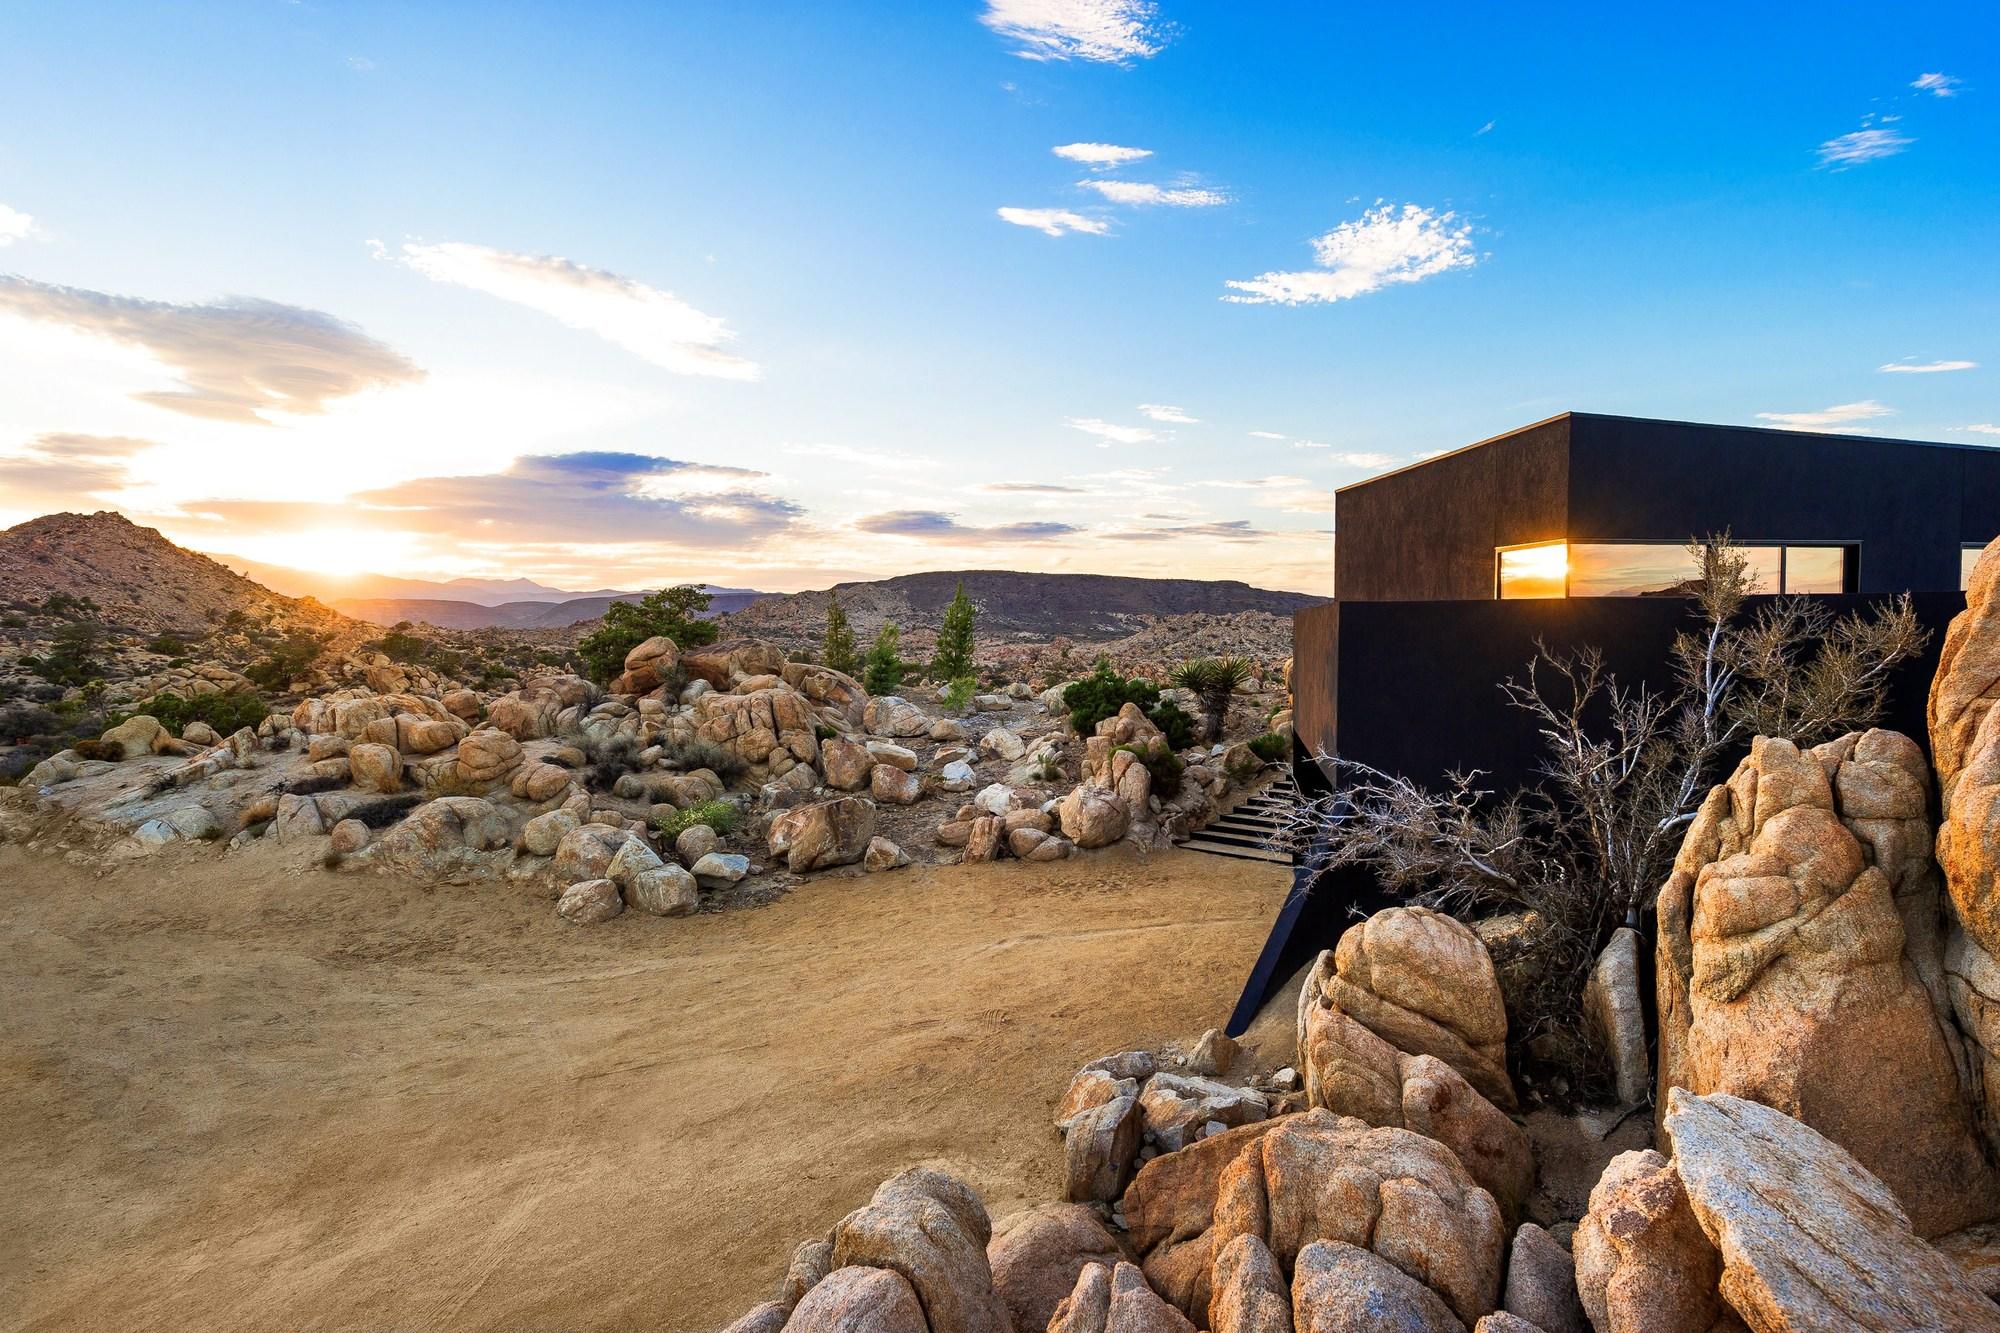 здание пустынный дом картинки людьми одно